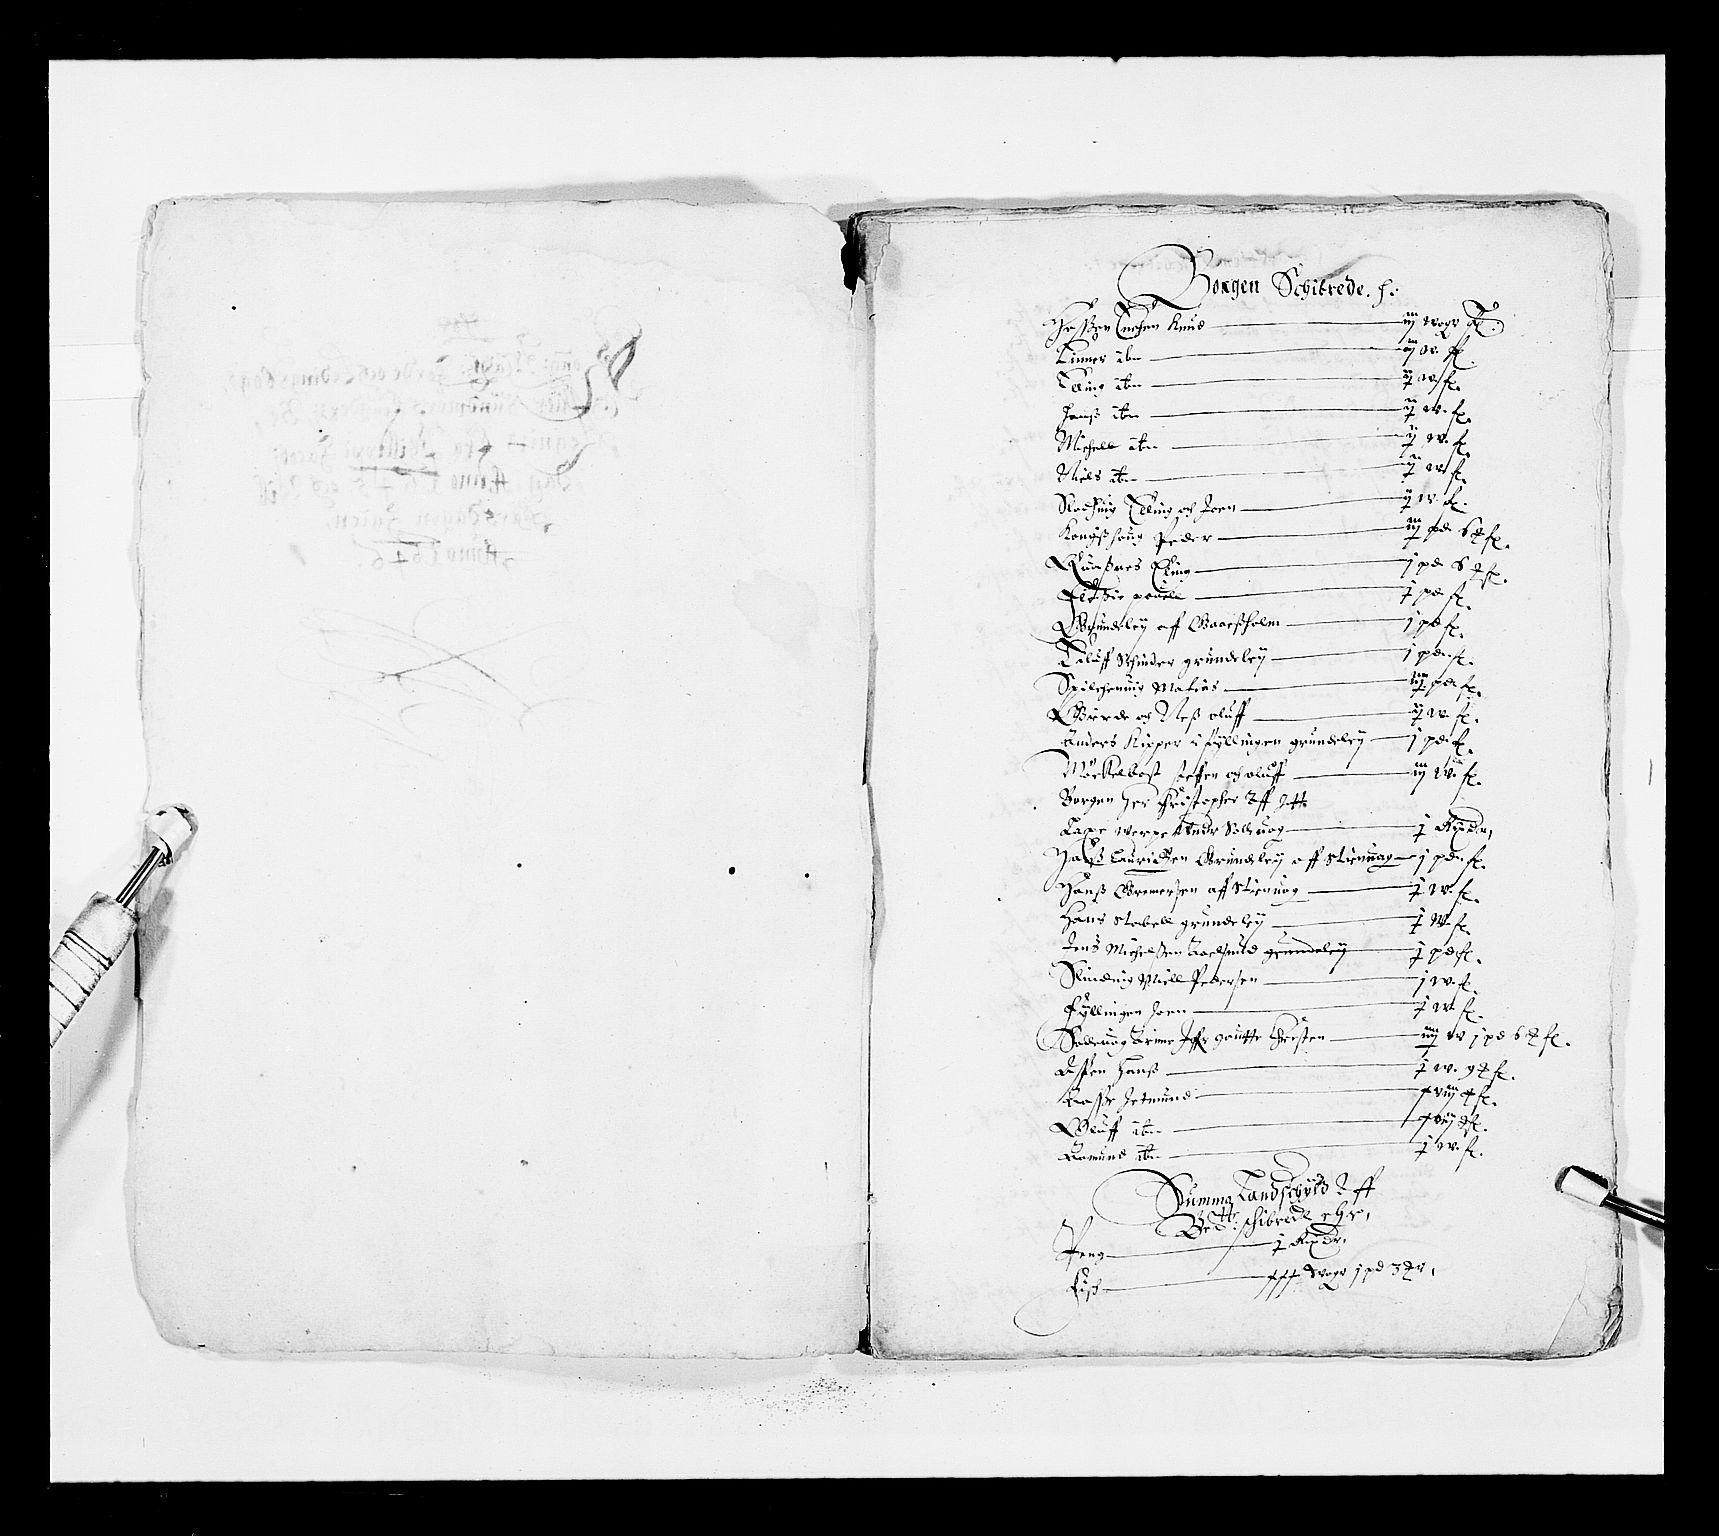 RA, Stattholderembetet 1572-1771, Ek/L0025: Jordebøker 1633-1658:, 1645-1646, s. 237